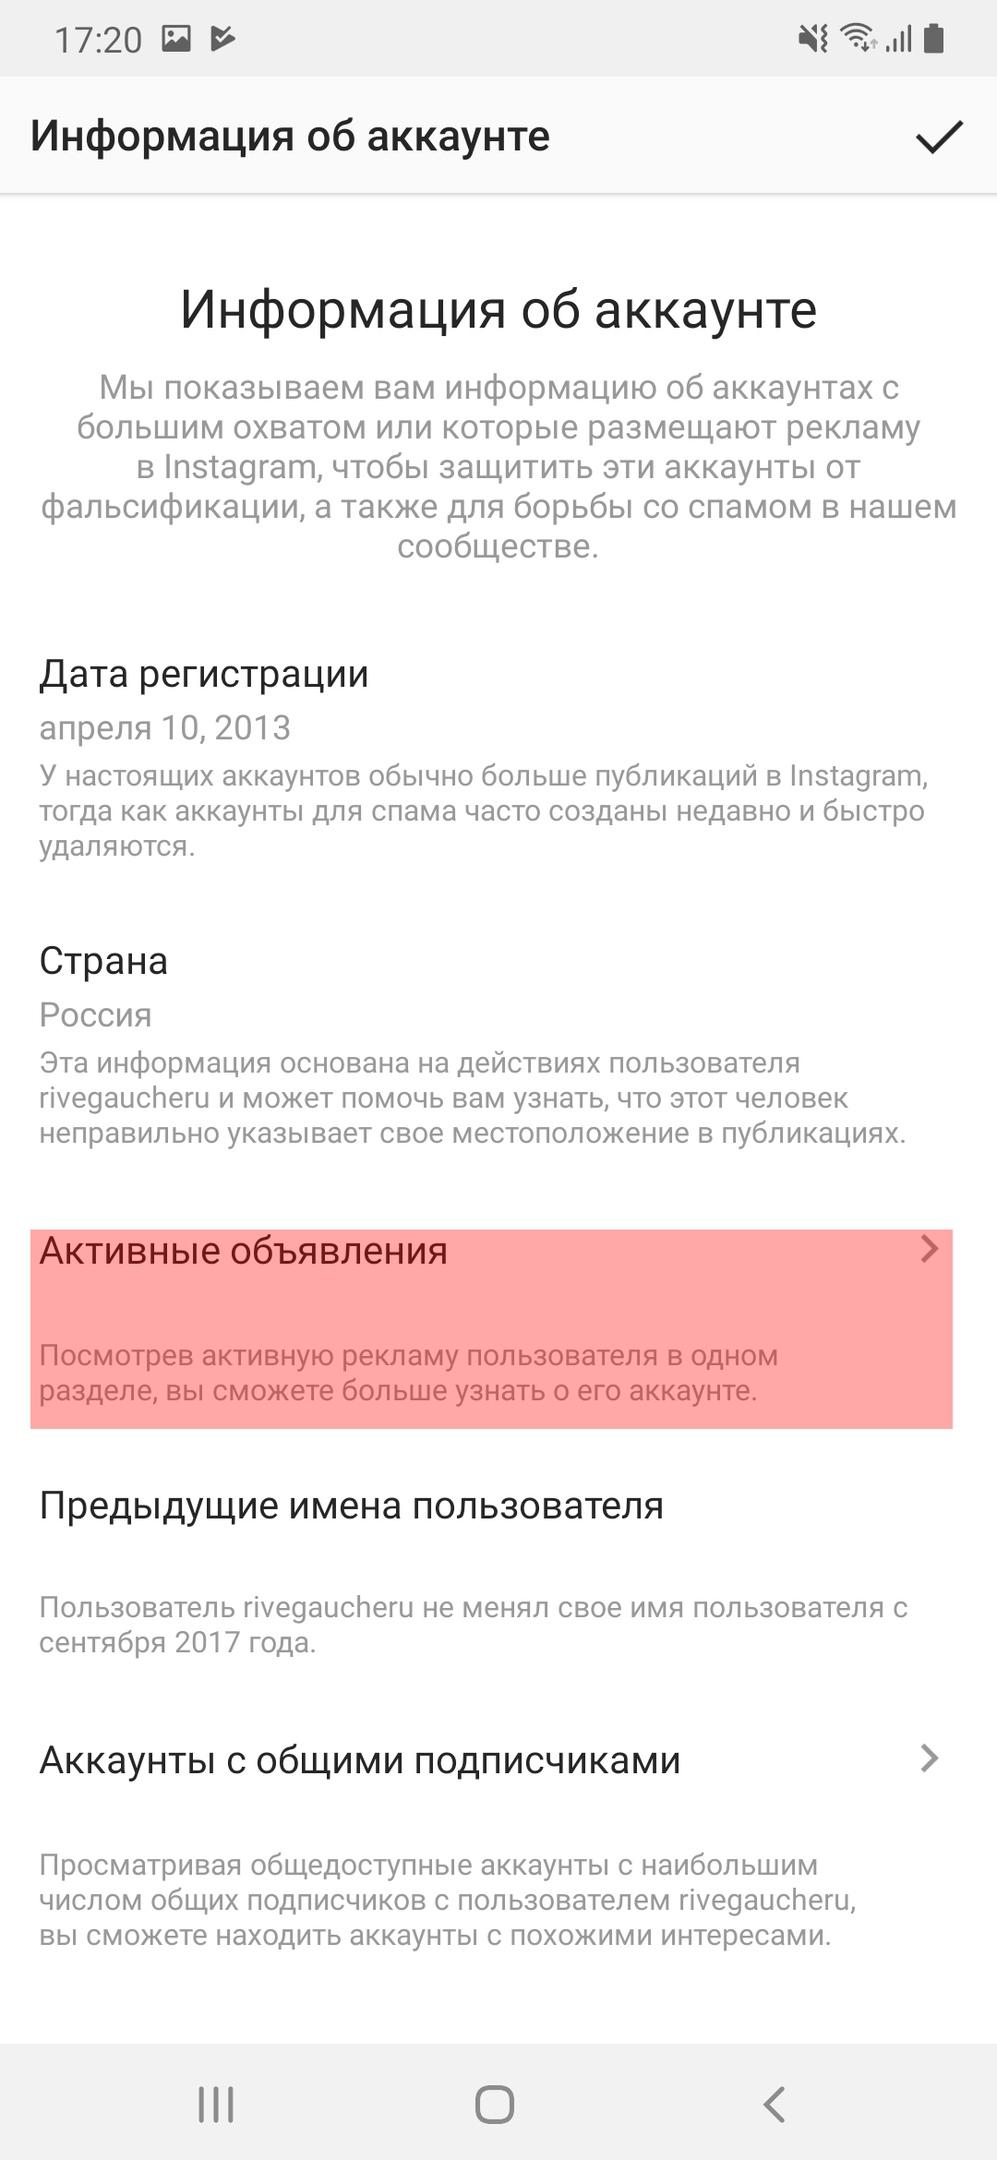 Как бесплатно посмотреть рекламу конкурентов в Instagram и Facebook?, изображение №6